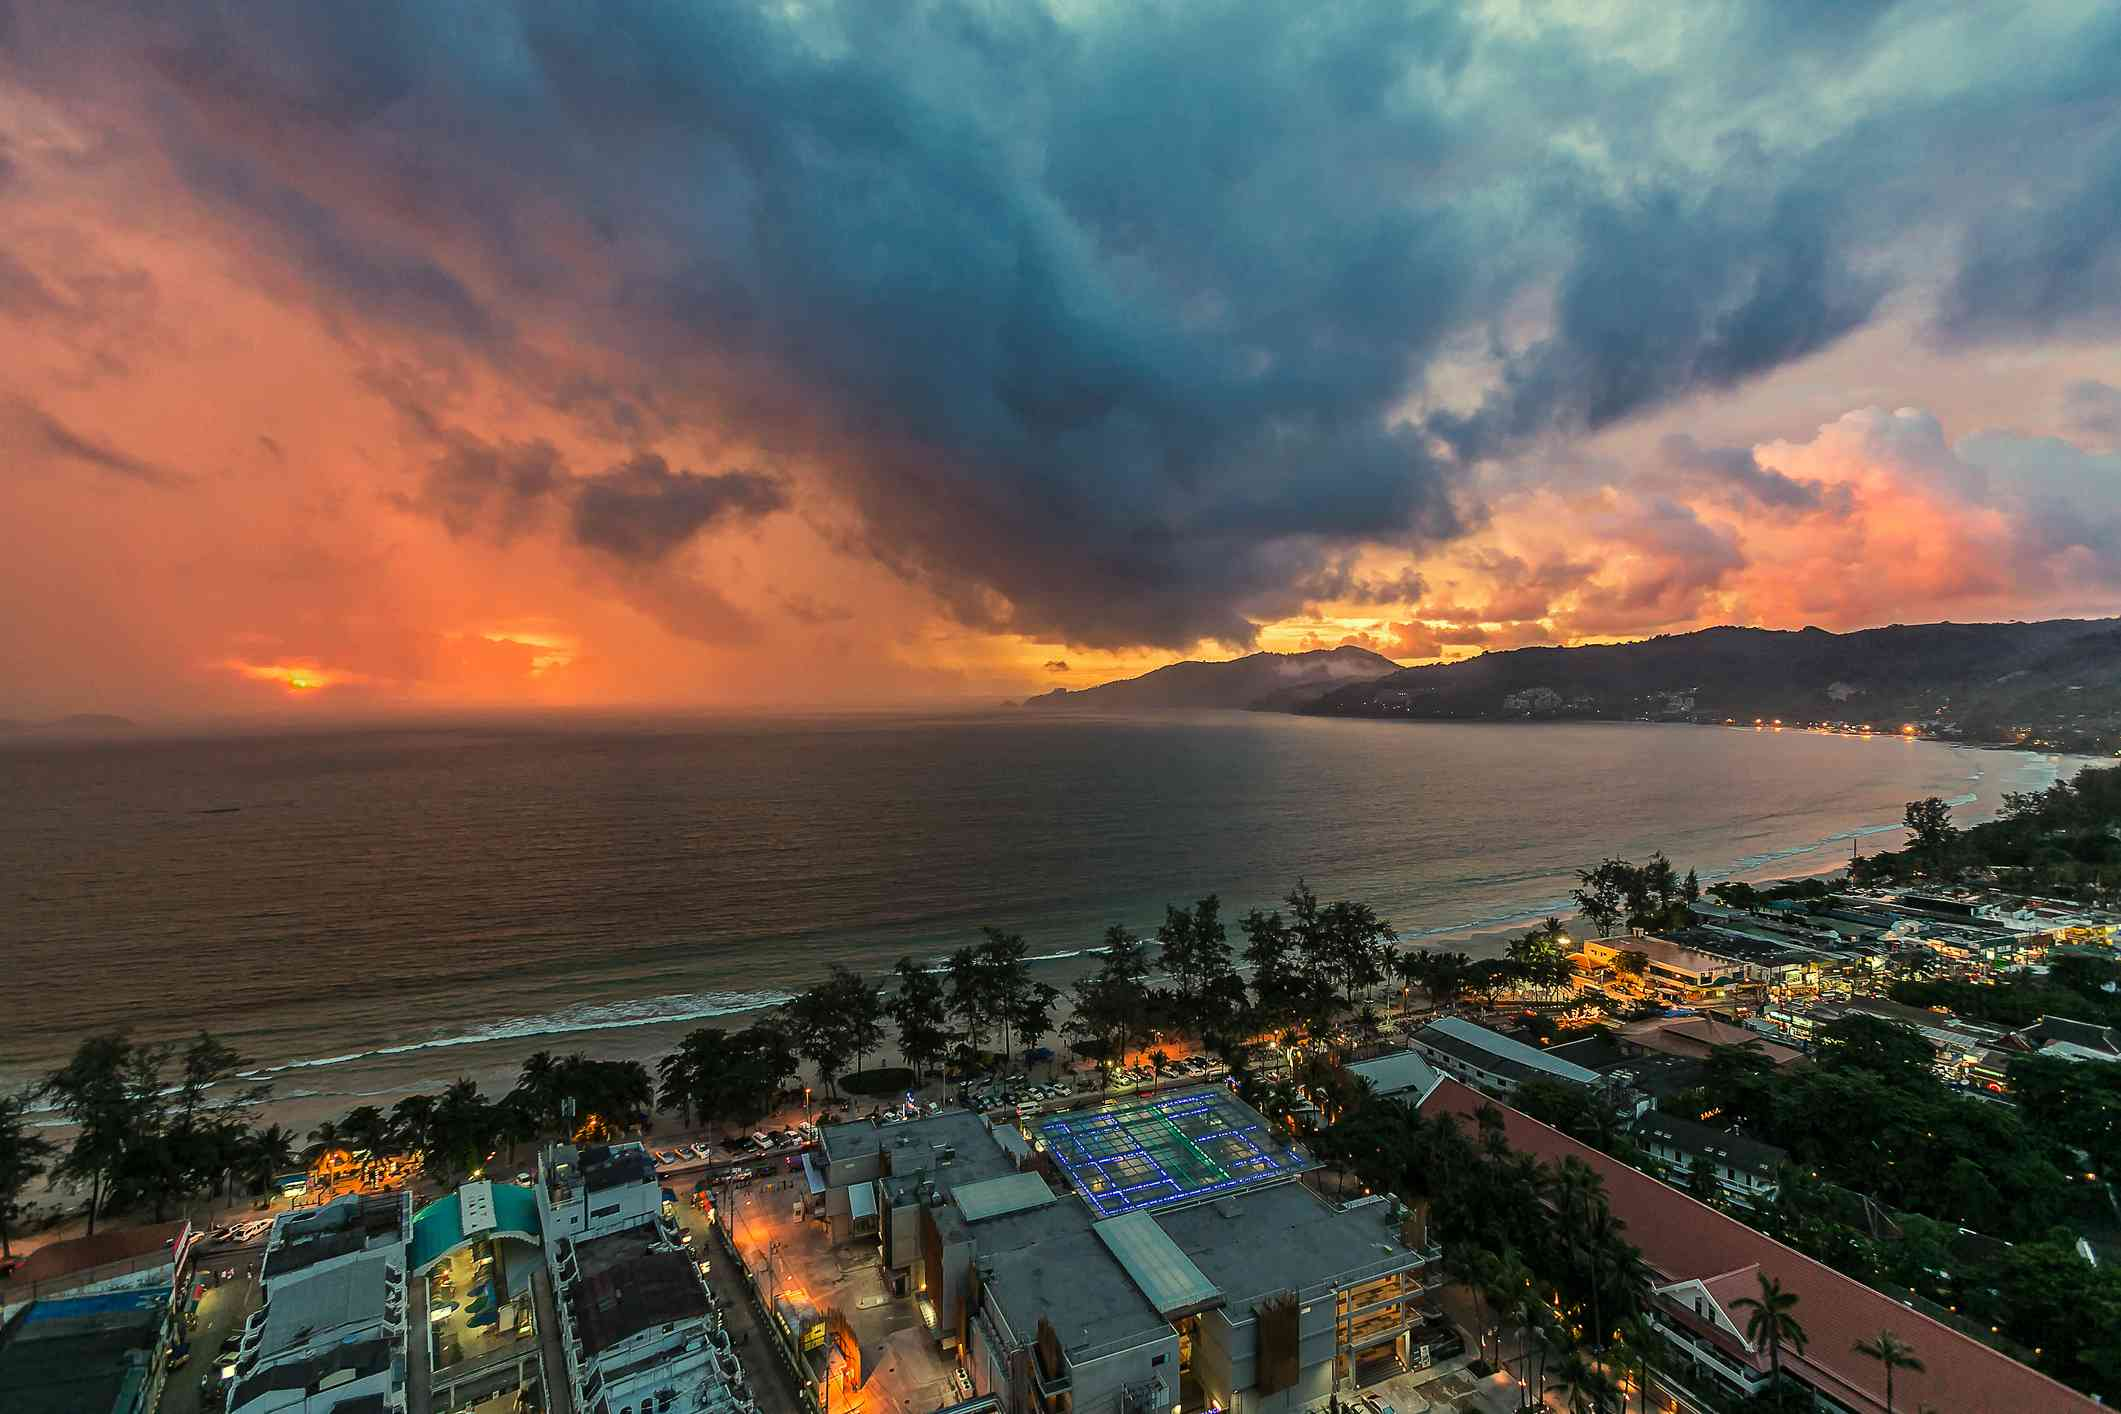 Sunset off Patong Beach, Phuket, on eve of rainy day